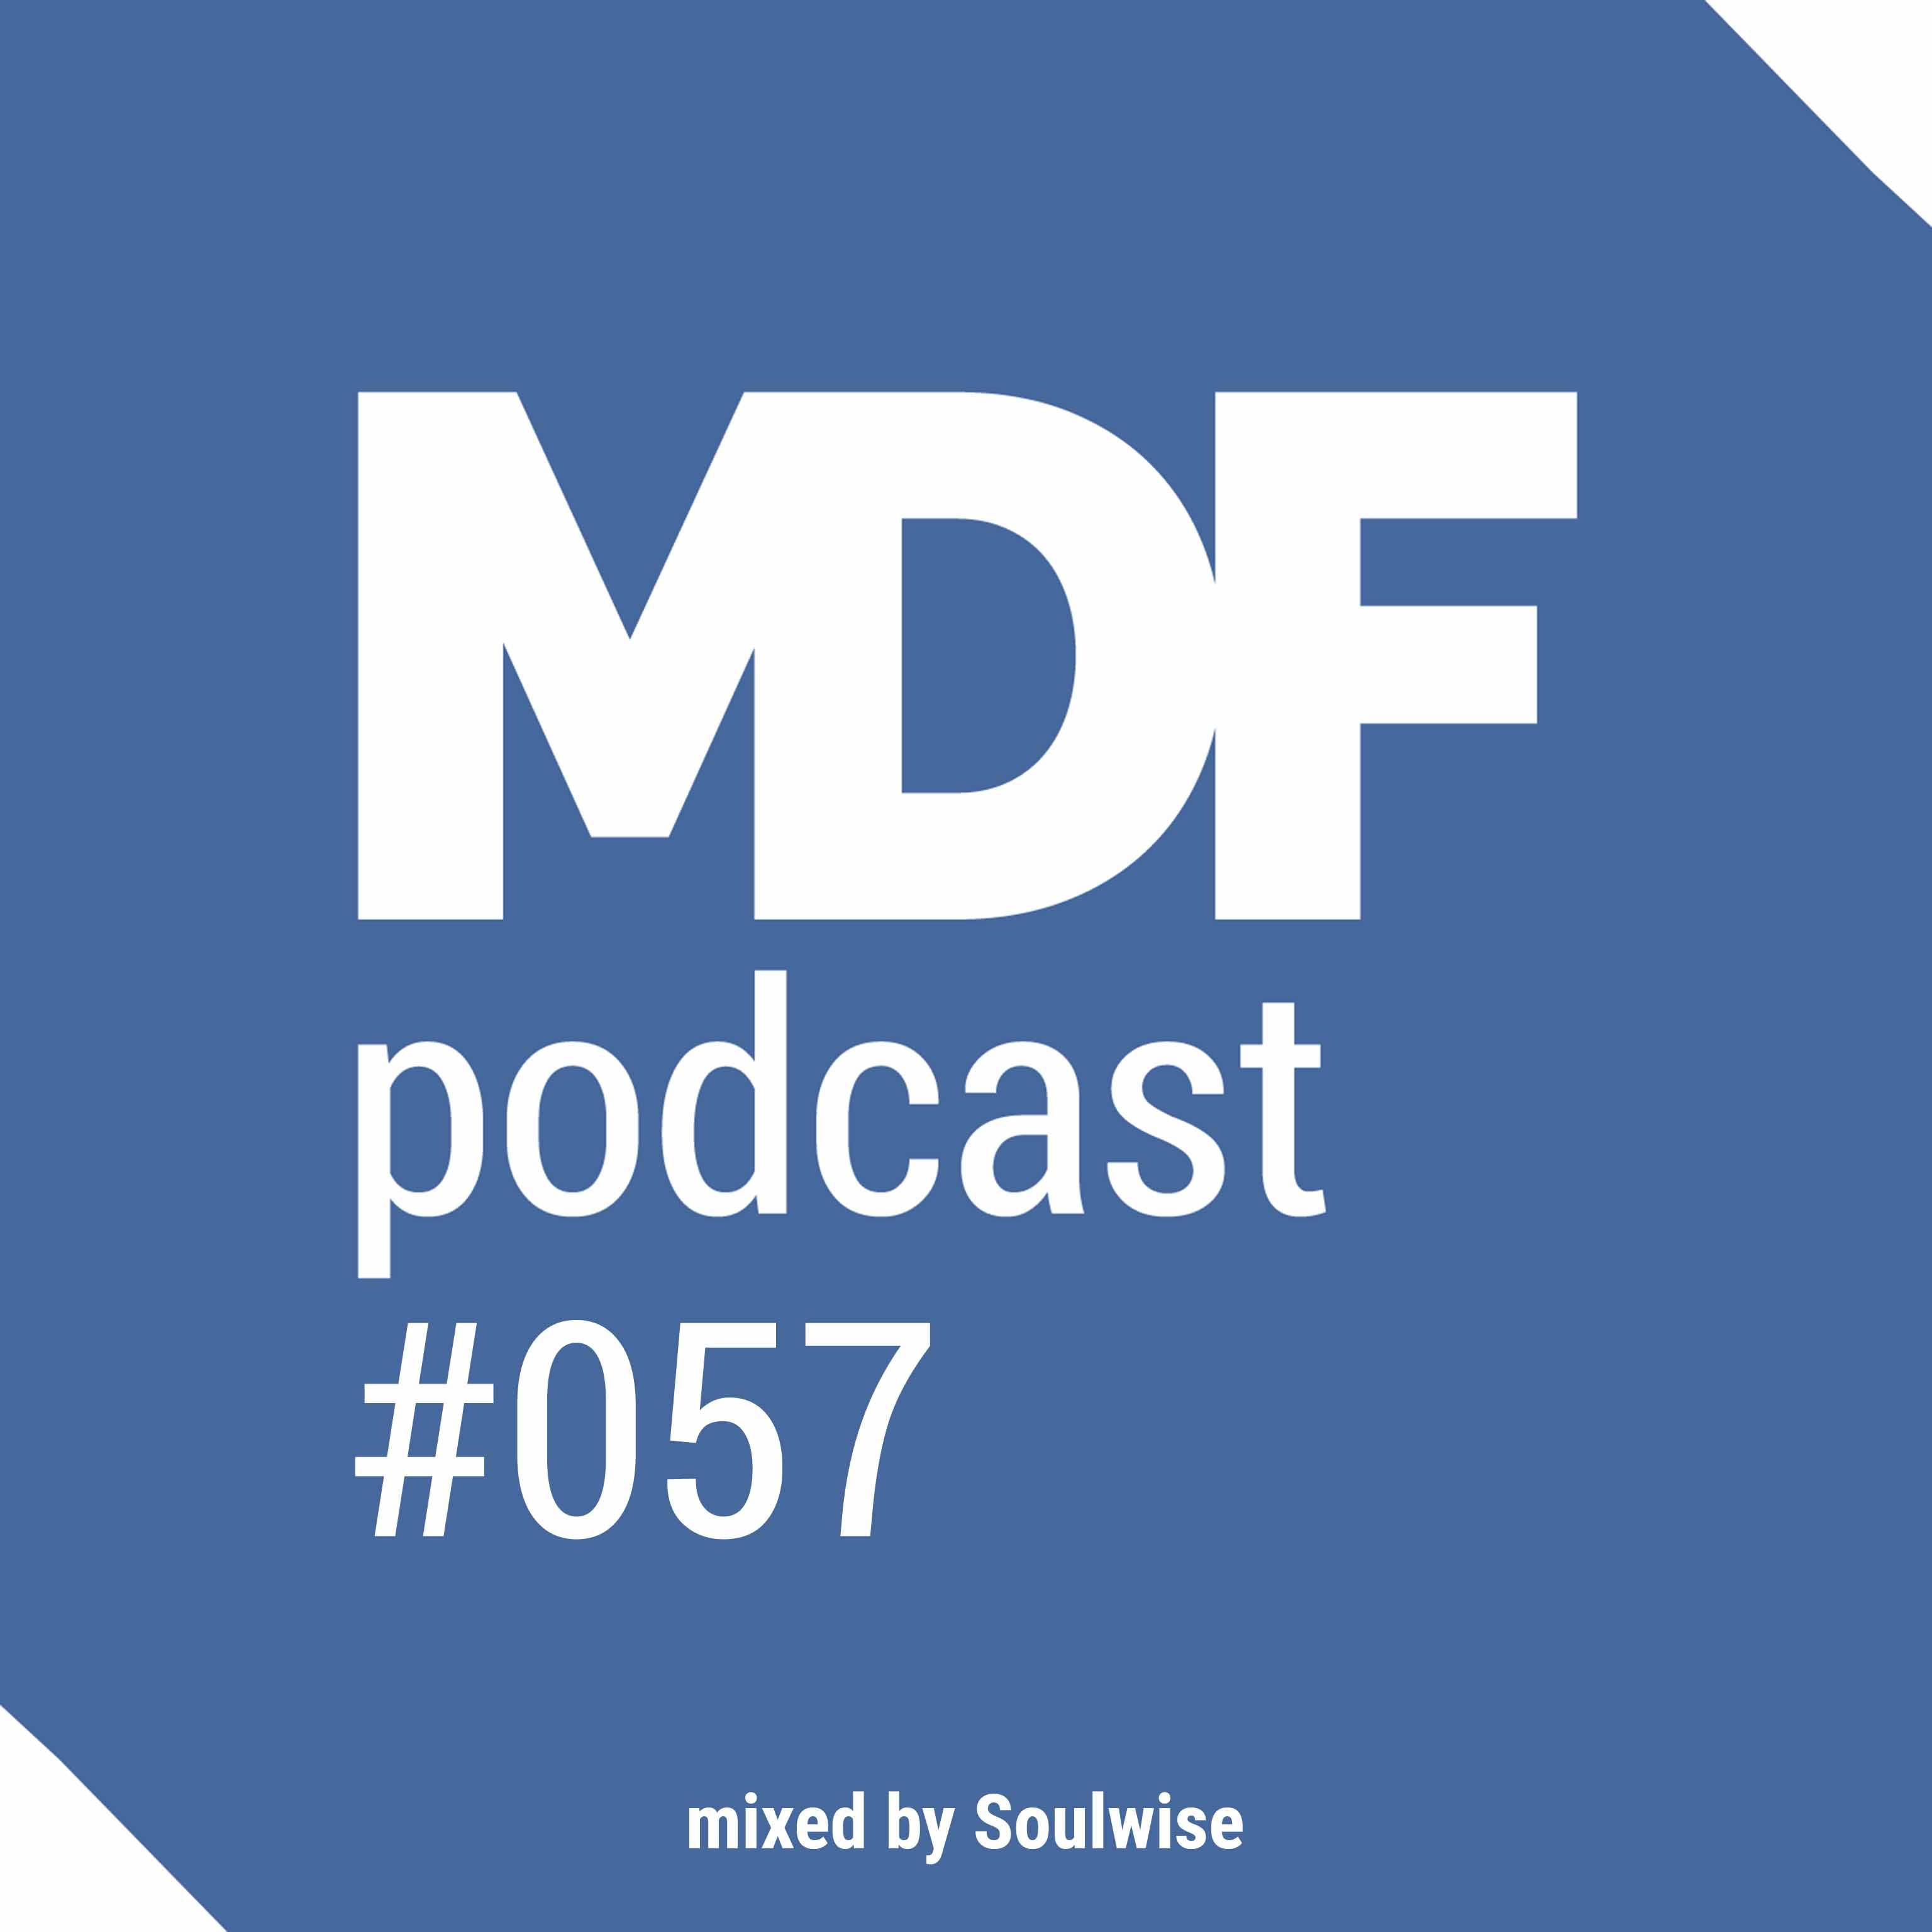 MDF Podcast o57